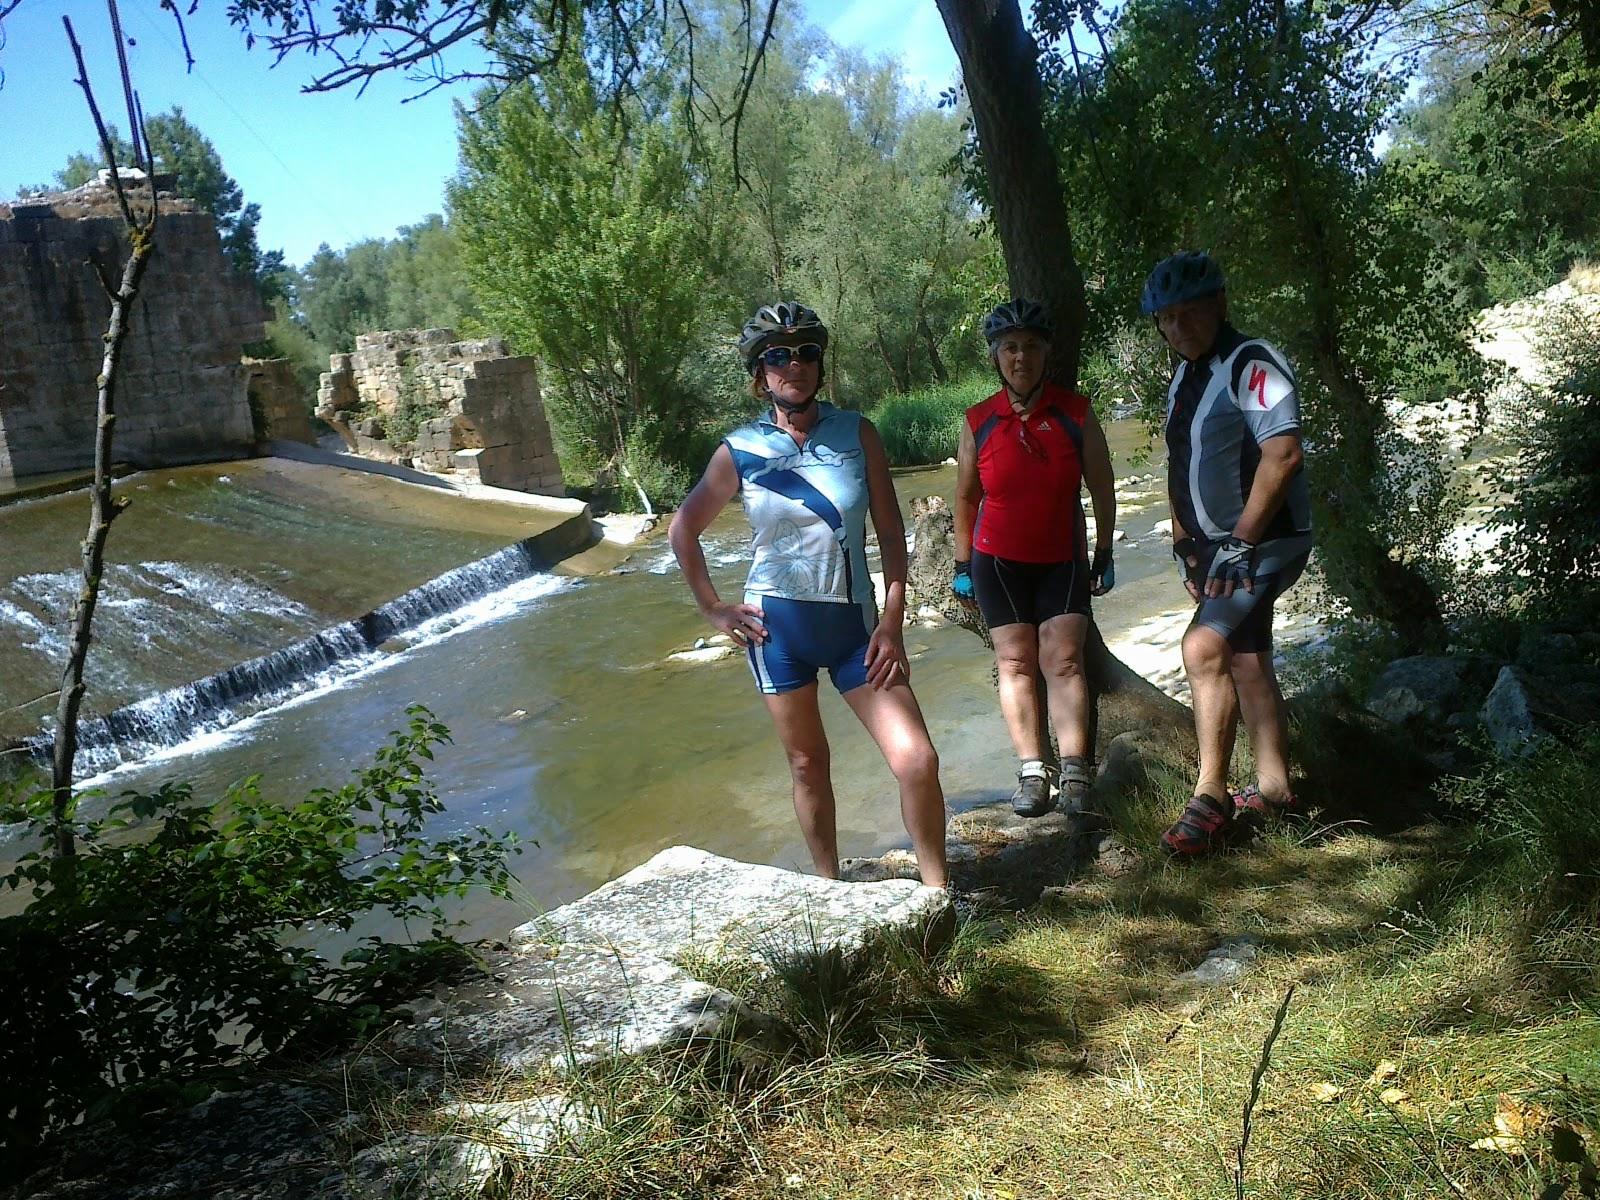 Excursión a San Miguel del Pino. 05.07.2014